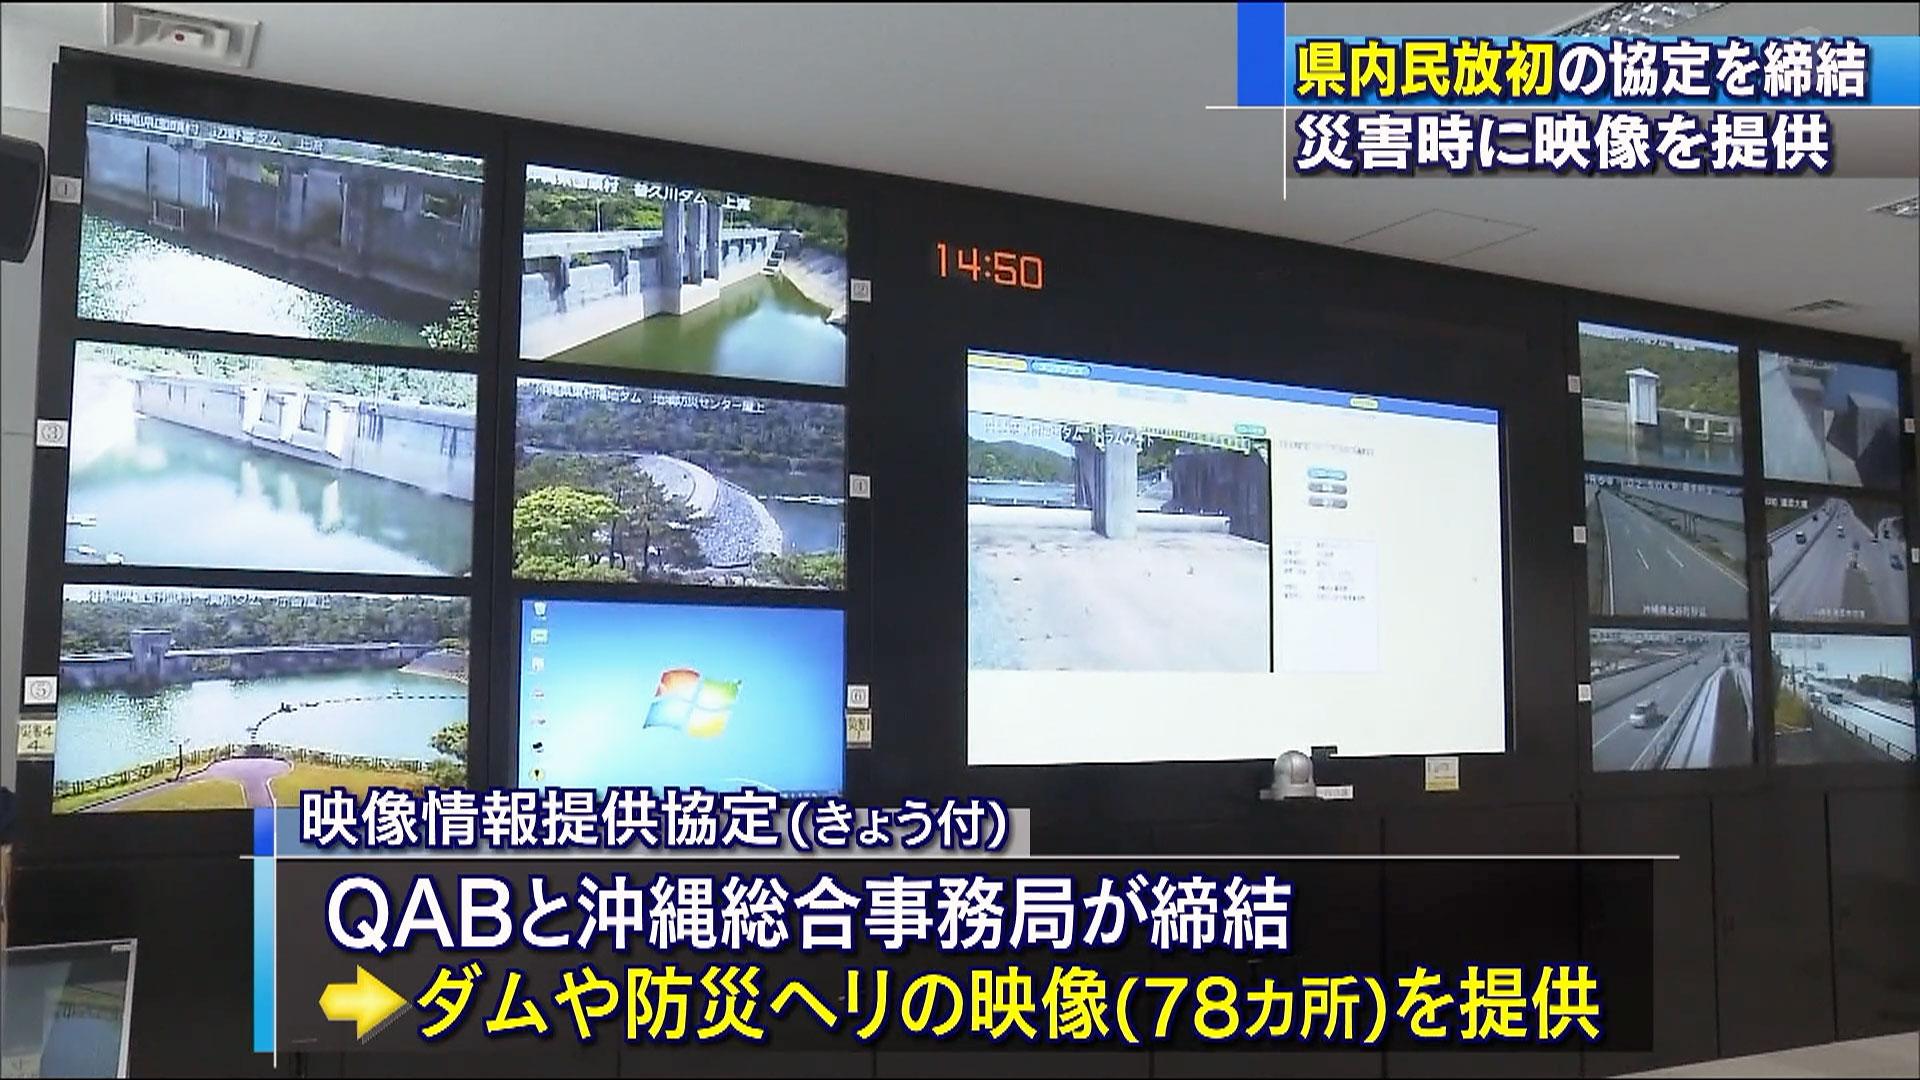 県内民放初 QABと沖縄総合事務局が映像協定締結